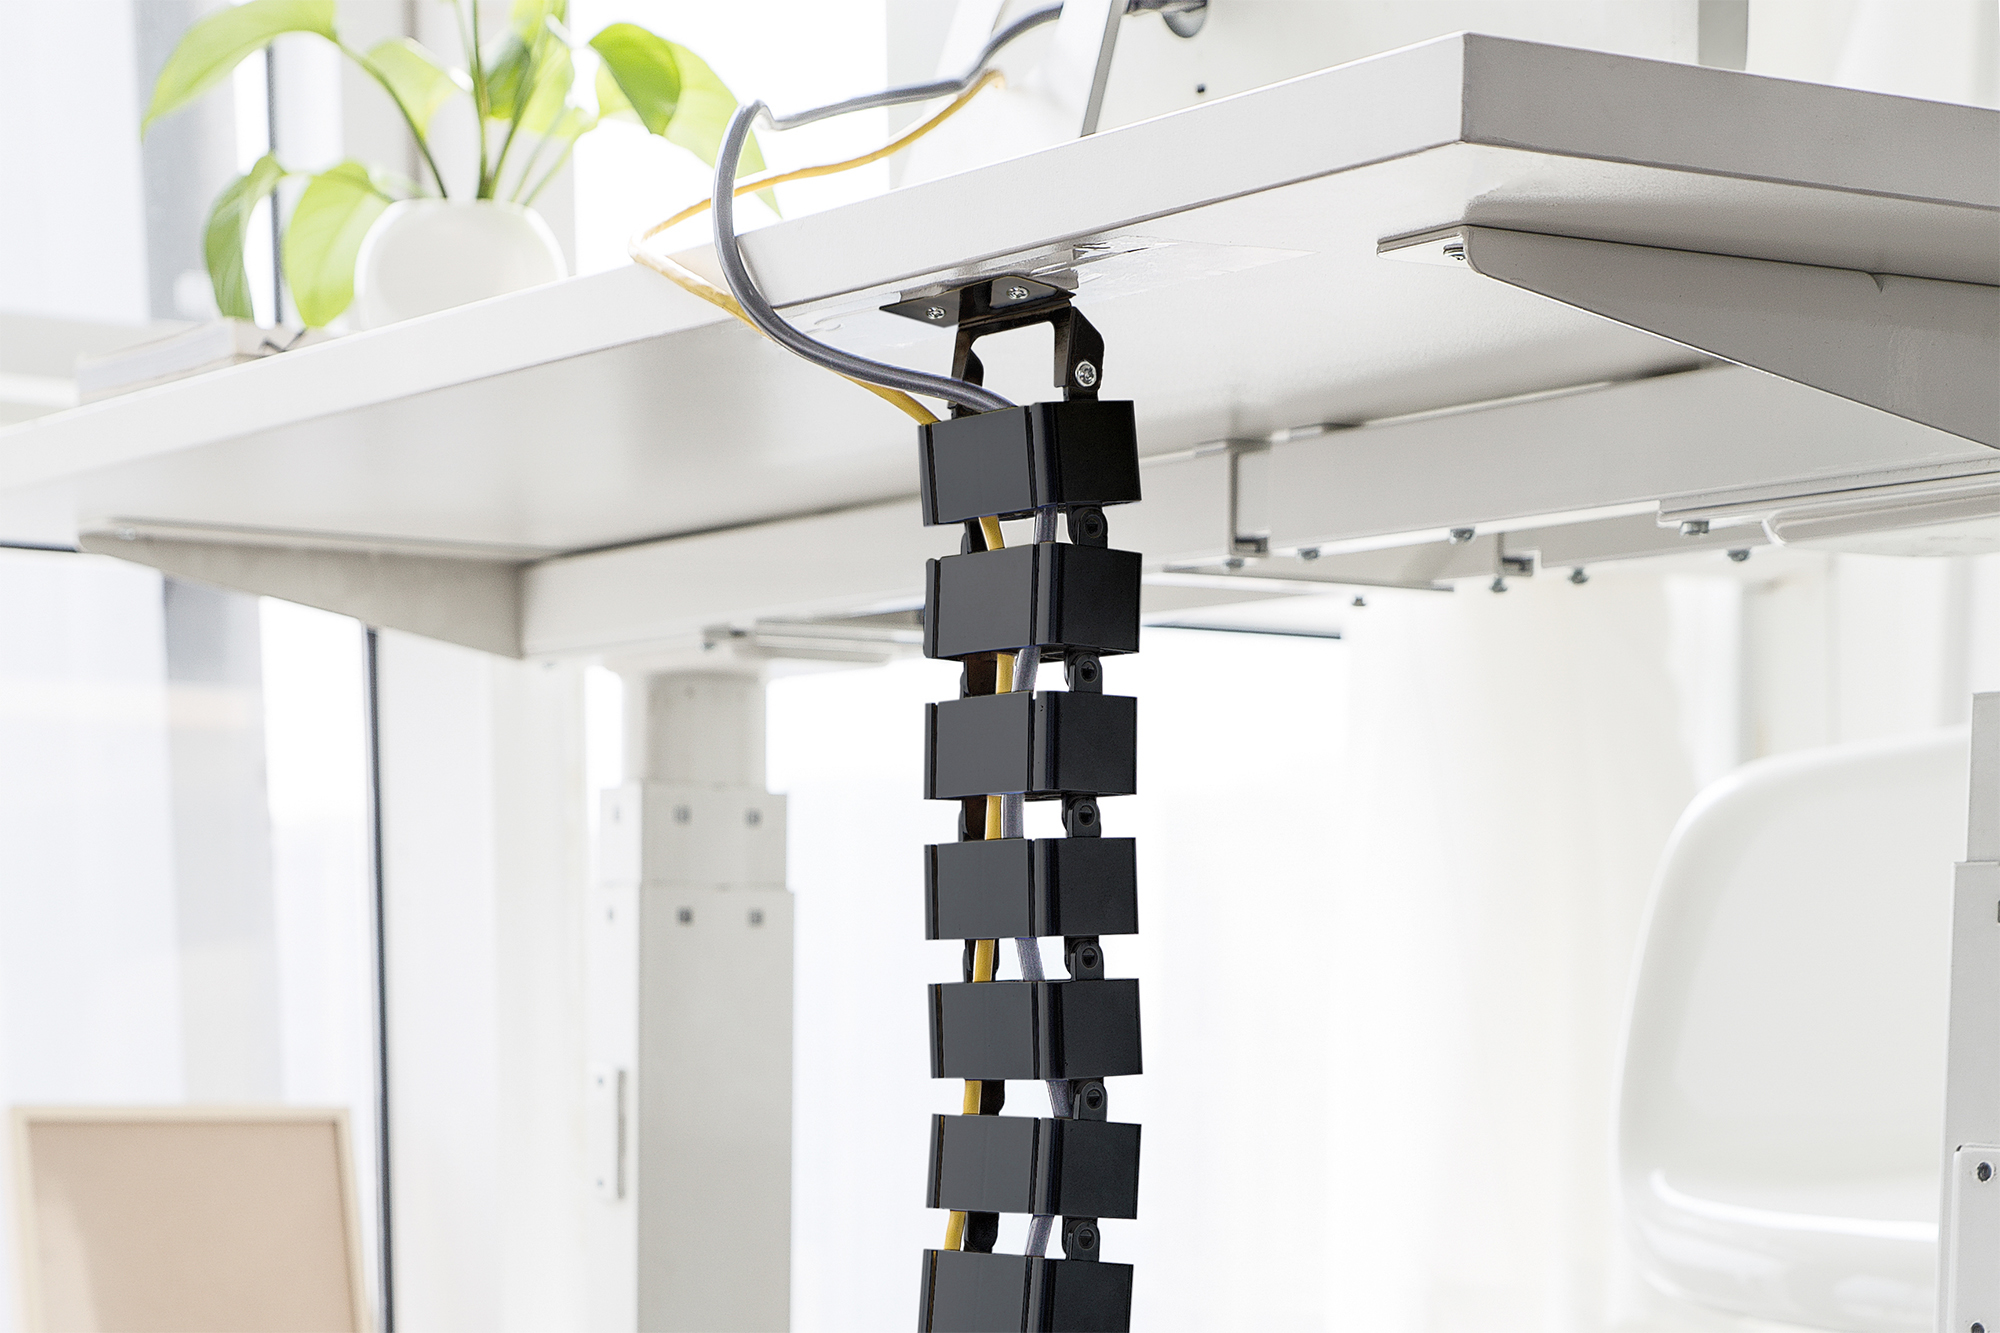 Flexible cable management